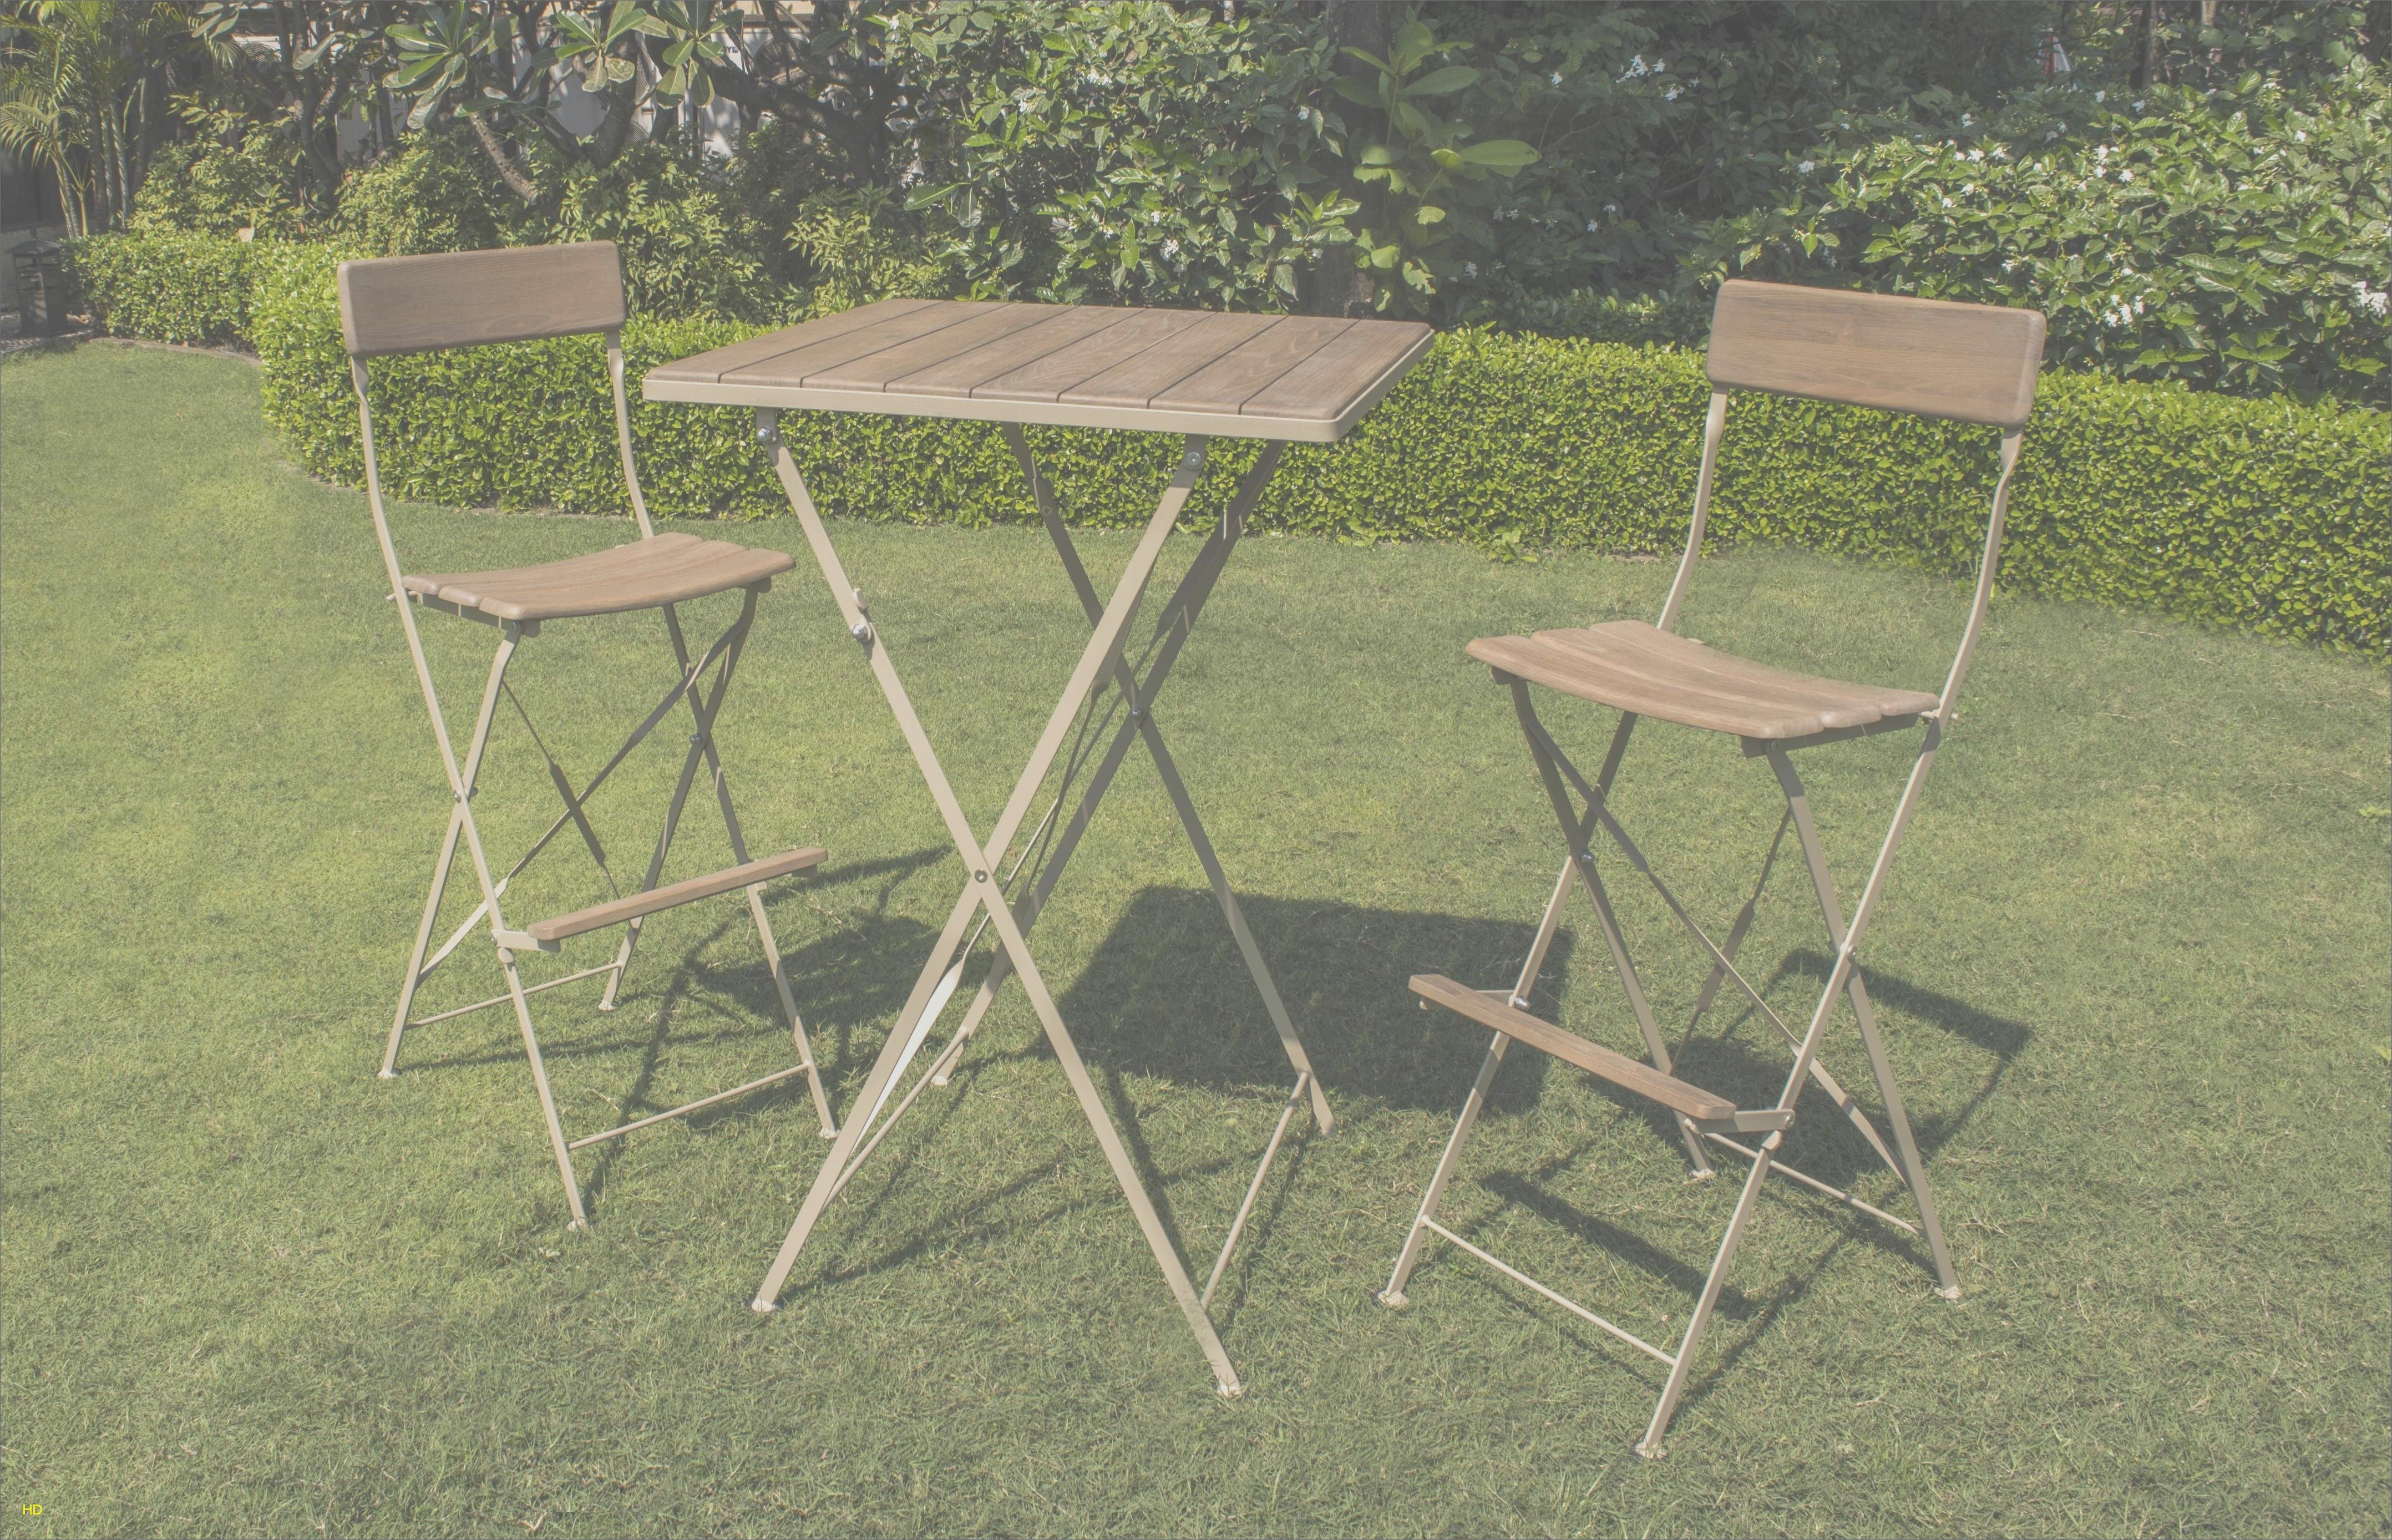 Table Et Chaises De Jardin Leclerc Luxe Photos Table Et Chaises De Jardin Leclerc De Cool Moderne Leclerc Chaise